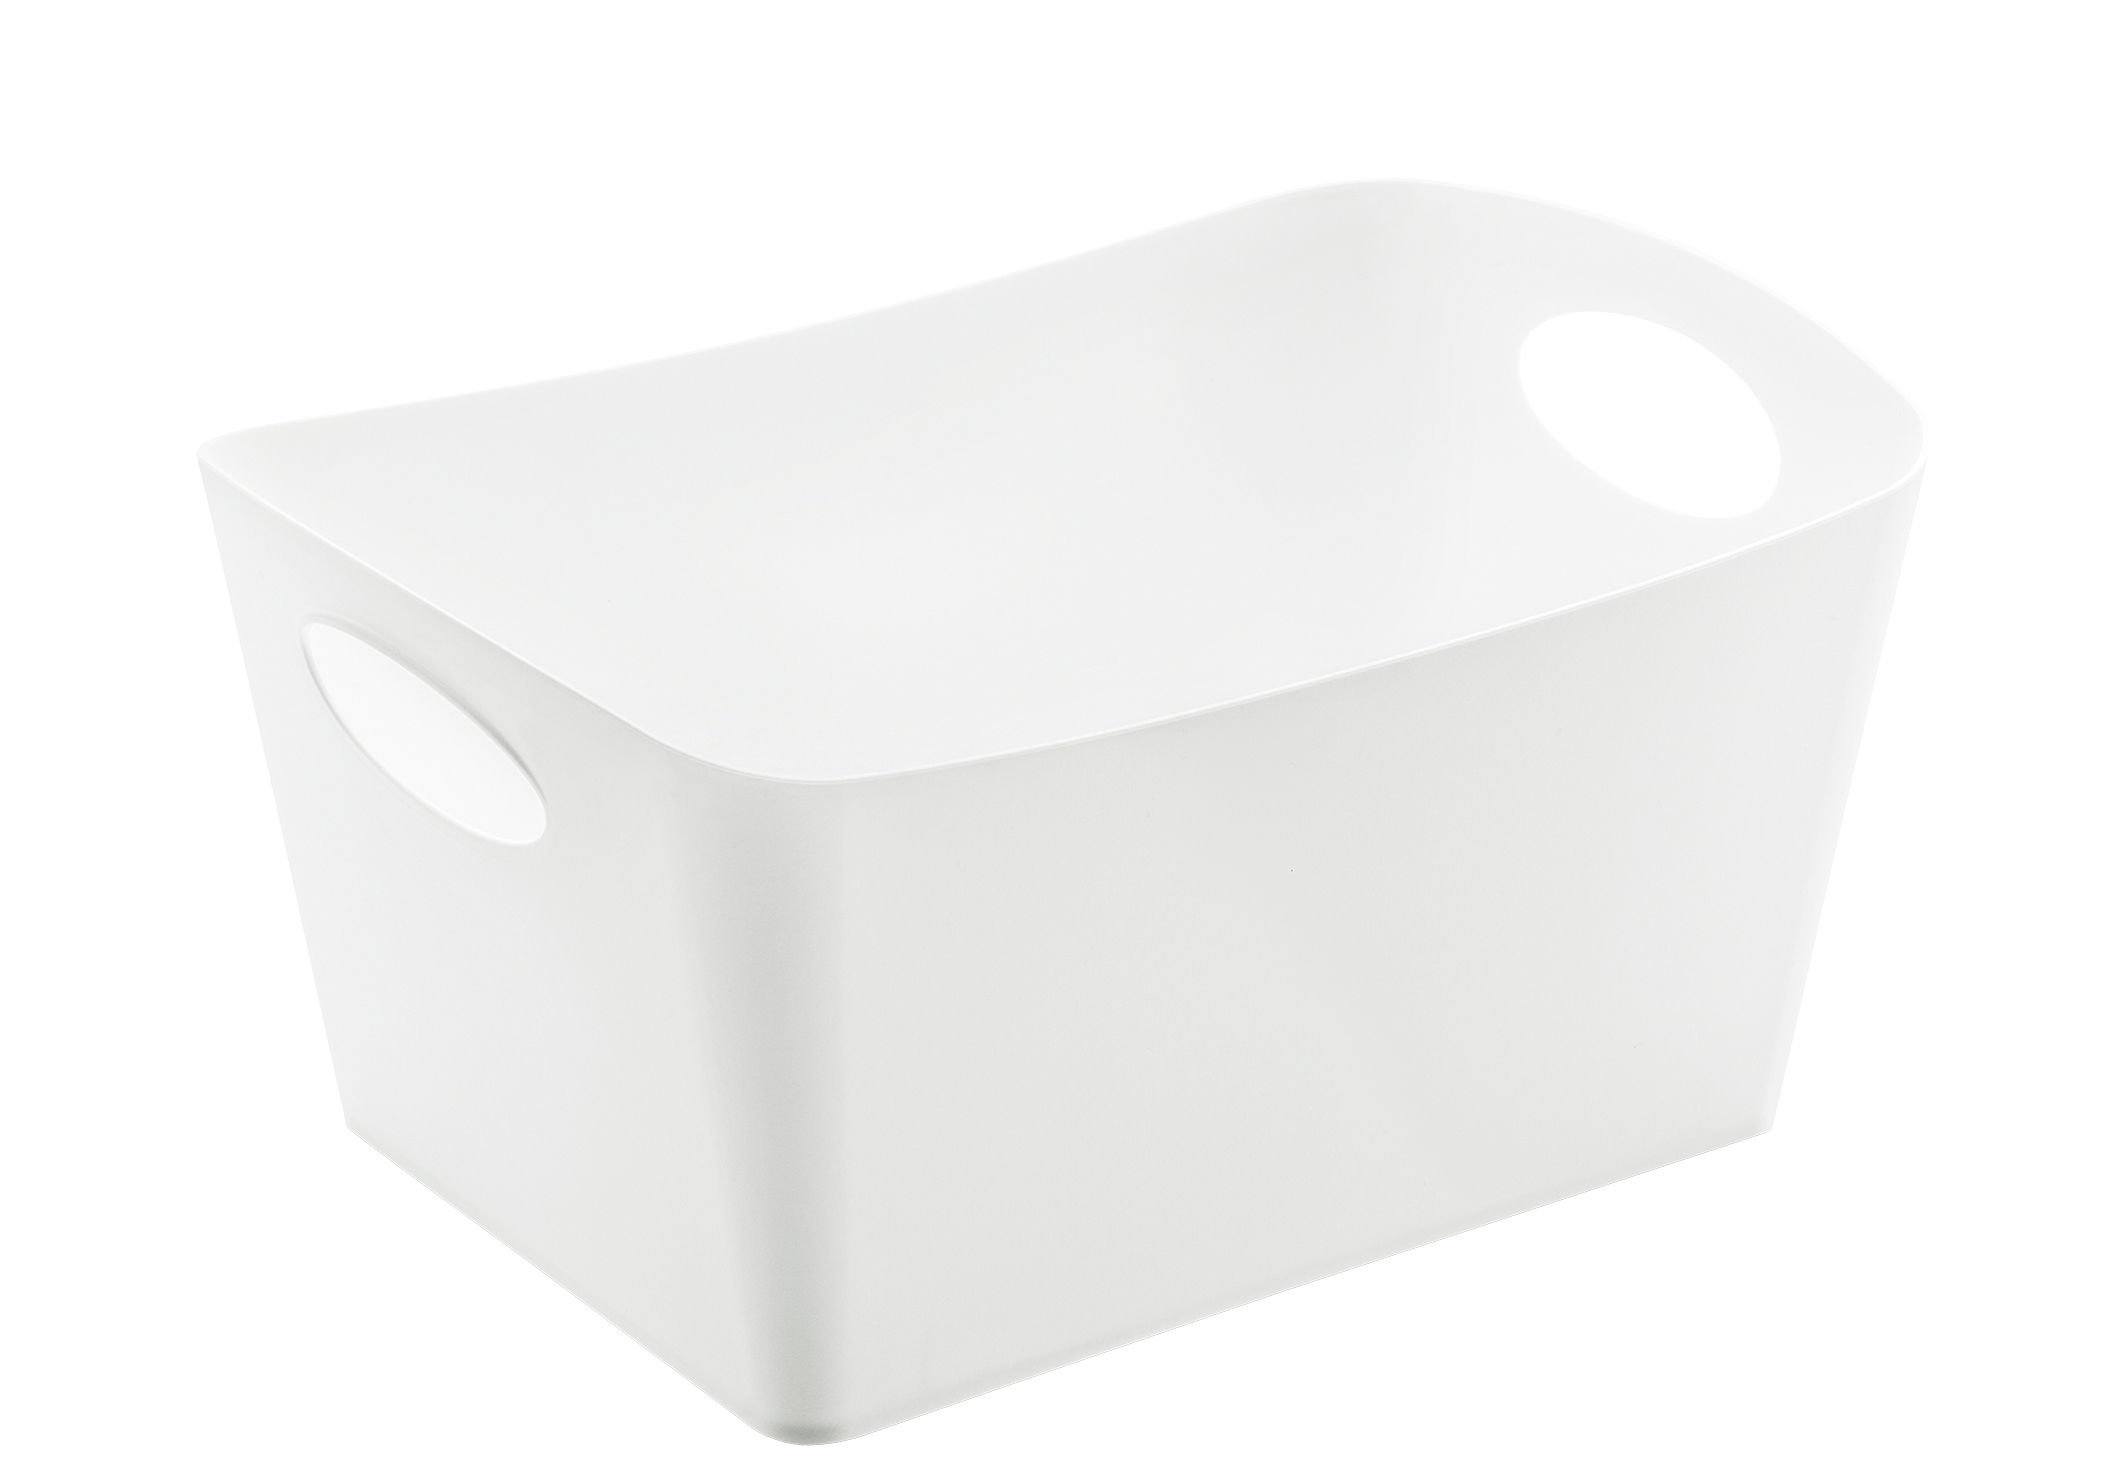 Déco - Paniers et petits rangements - Panier Boxxx M / 3,5 L - Koziol - Blanc opaque - Matière plastique